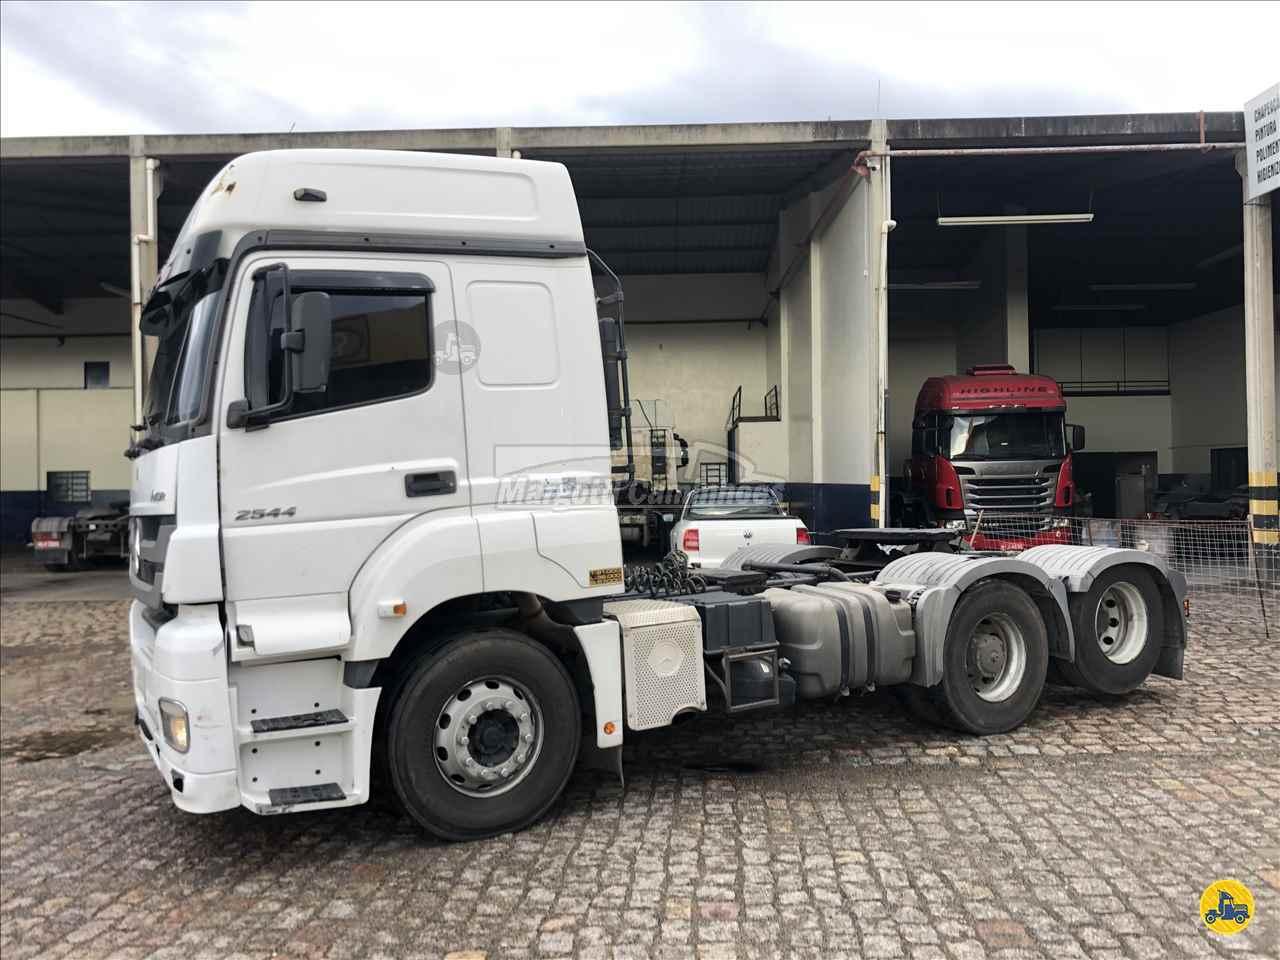 CAMINHAO MERCEDES-BENZ MB 2544 Cavalo Mecânico Truck 6x2 Margotti Caminhões TUBARAO SANTA CATARINA SC